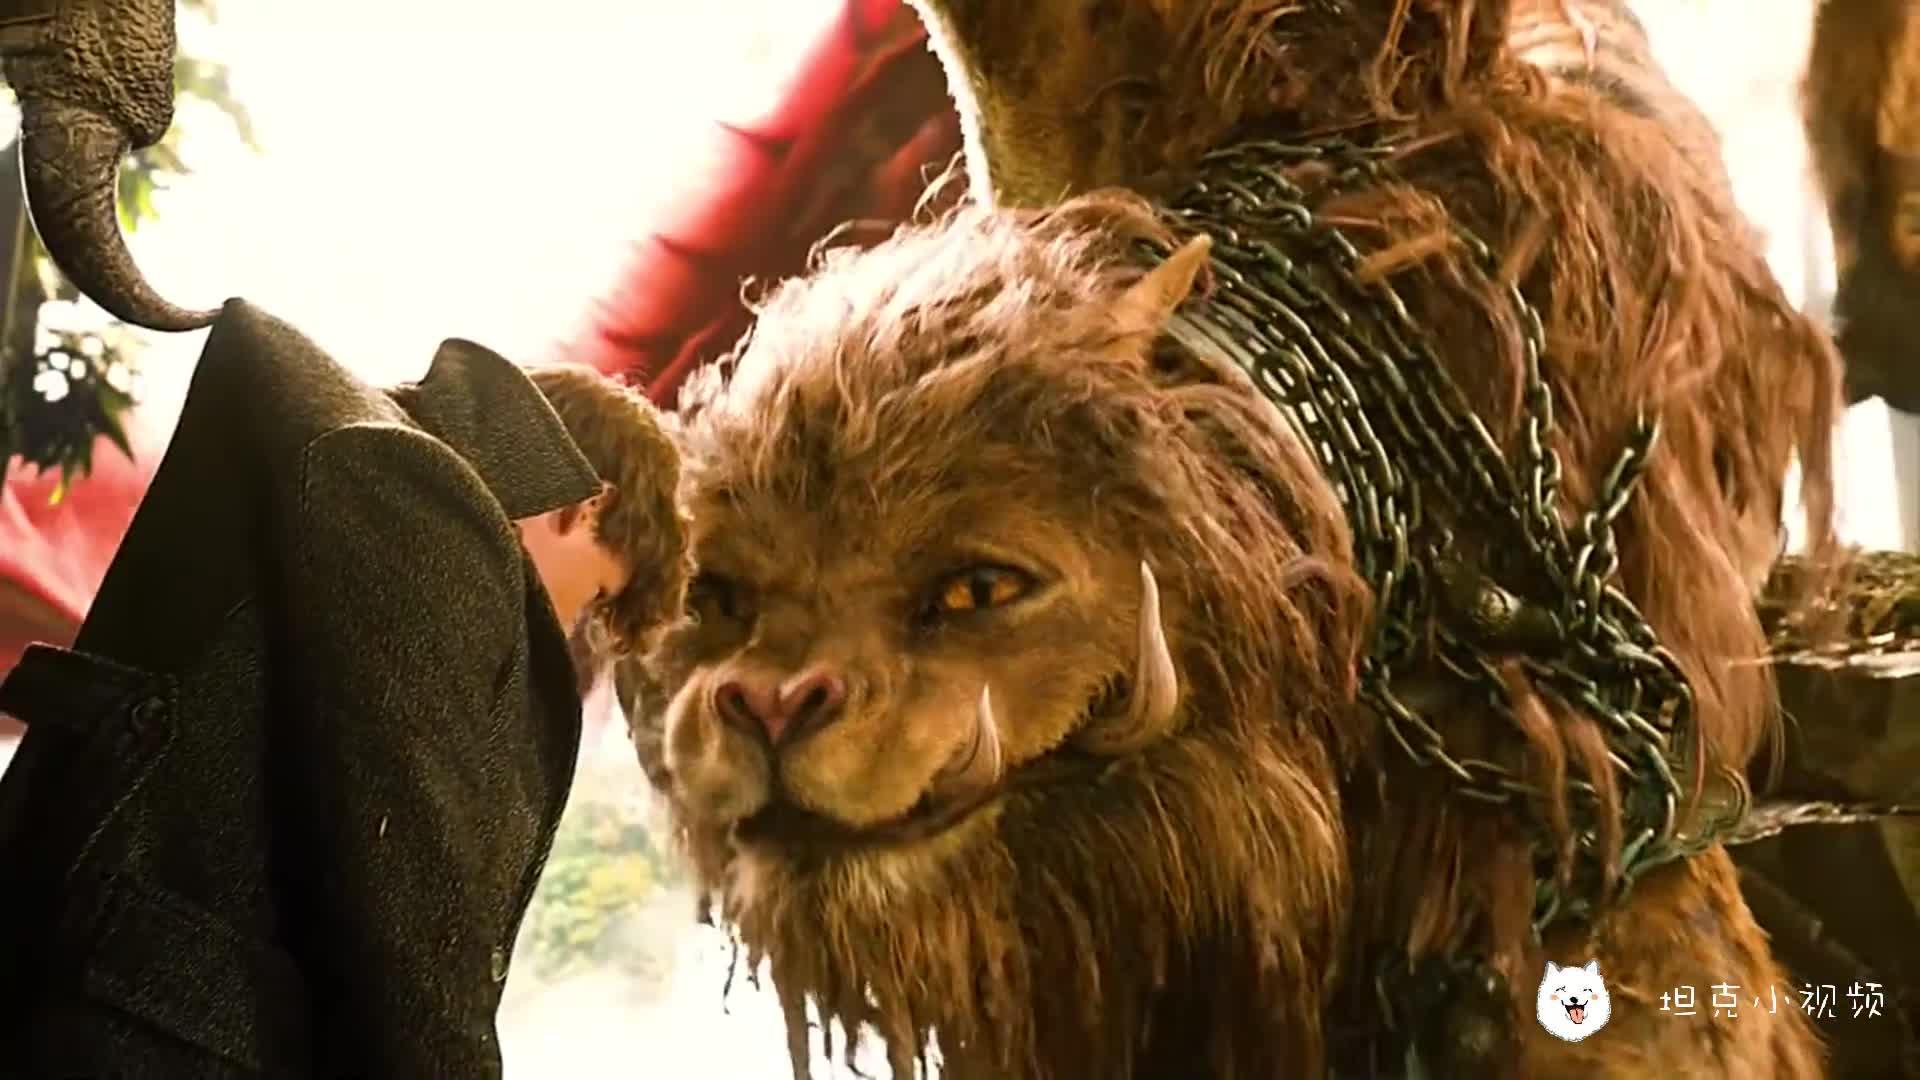 #电影迷的修养#这是中国的神兽,有没有人认识!(剪辑不易,求个赞)